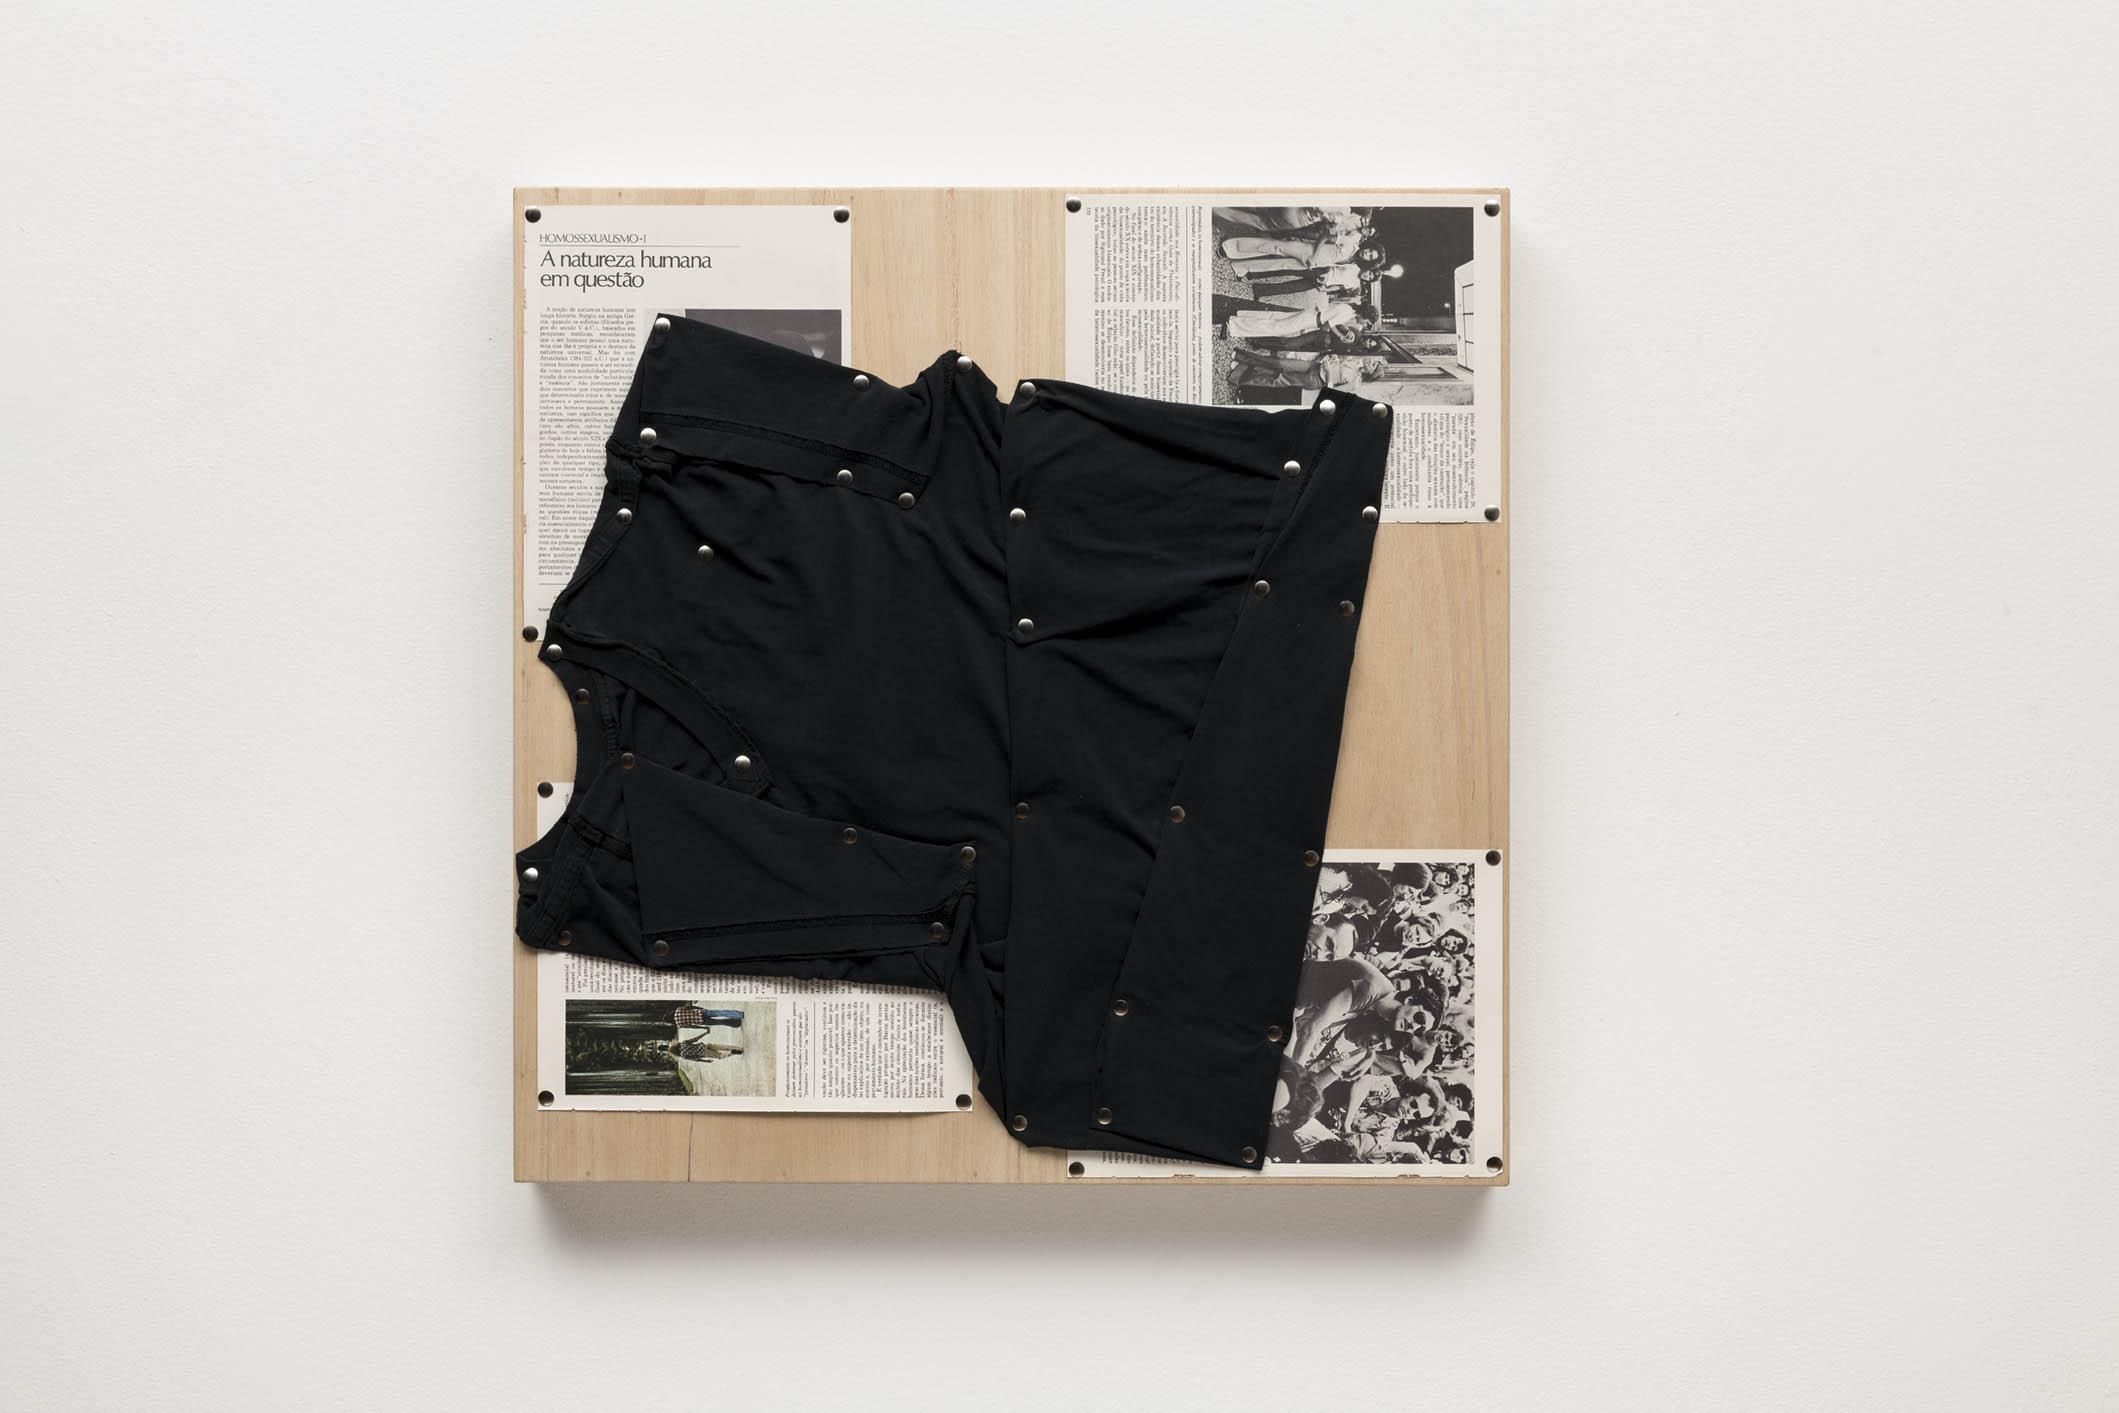 Spatial Constraints #1, 2019   camiseta, páginas de livro e pinos de aço sobre madeira |  plywood, t-shirts, book pages, steel pushpins   61 x 61 x 5 cm | 24 x 24 x 2 in